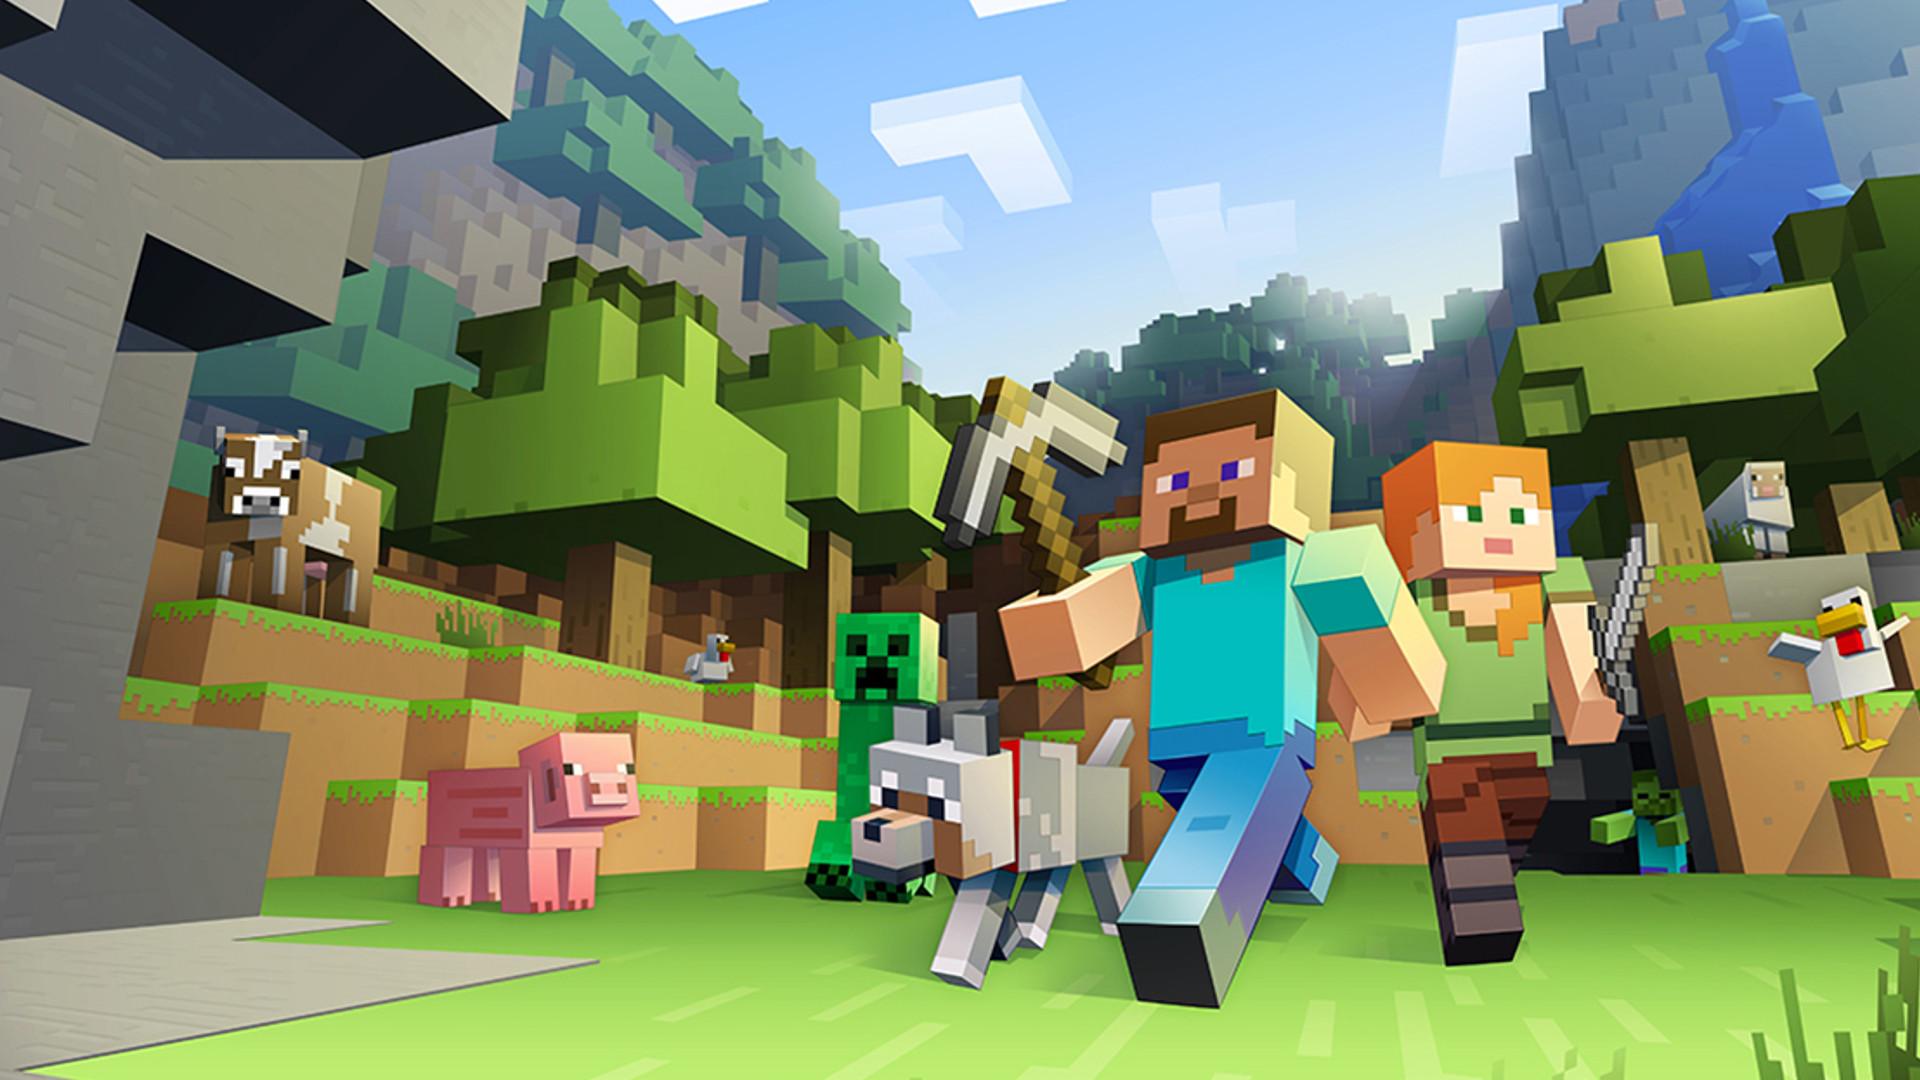 《我的世界》玩家平均年龄为24岁 小孩和成年人都爱玩